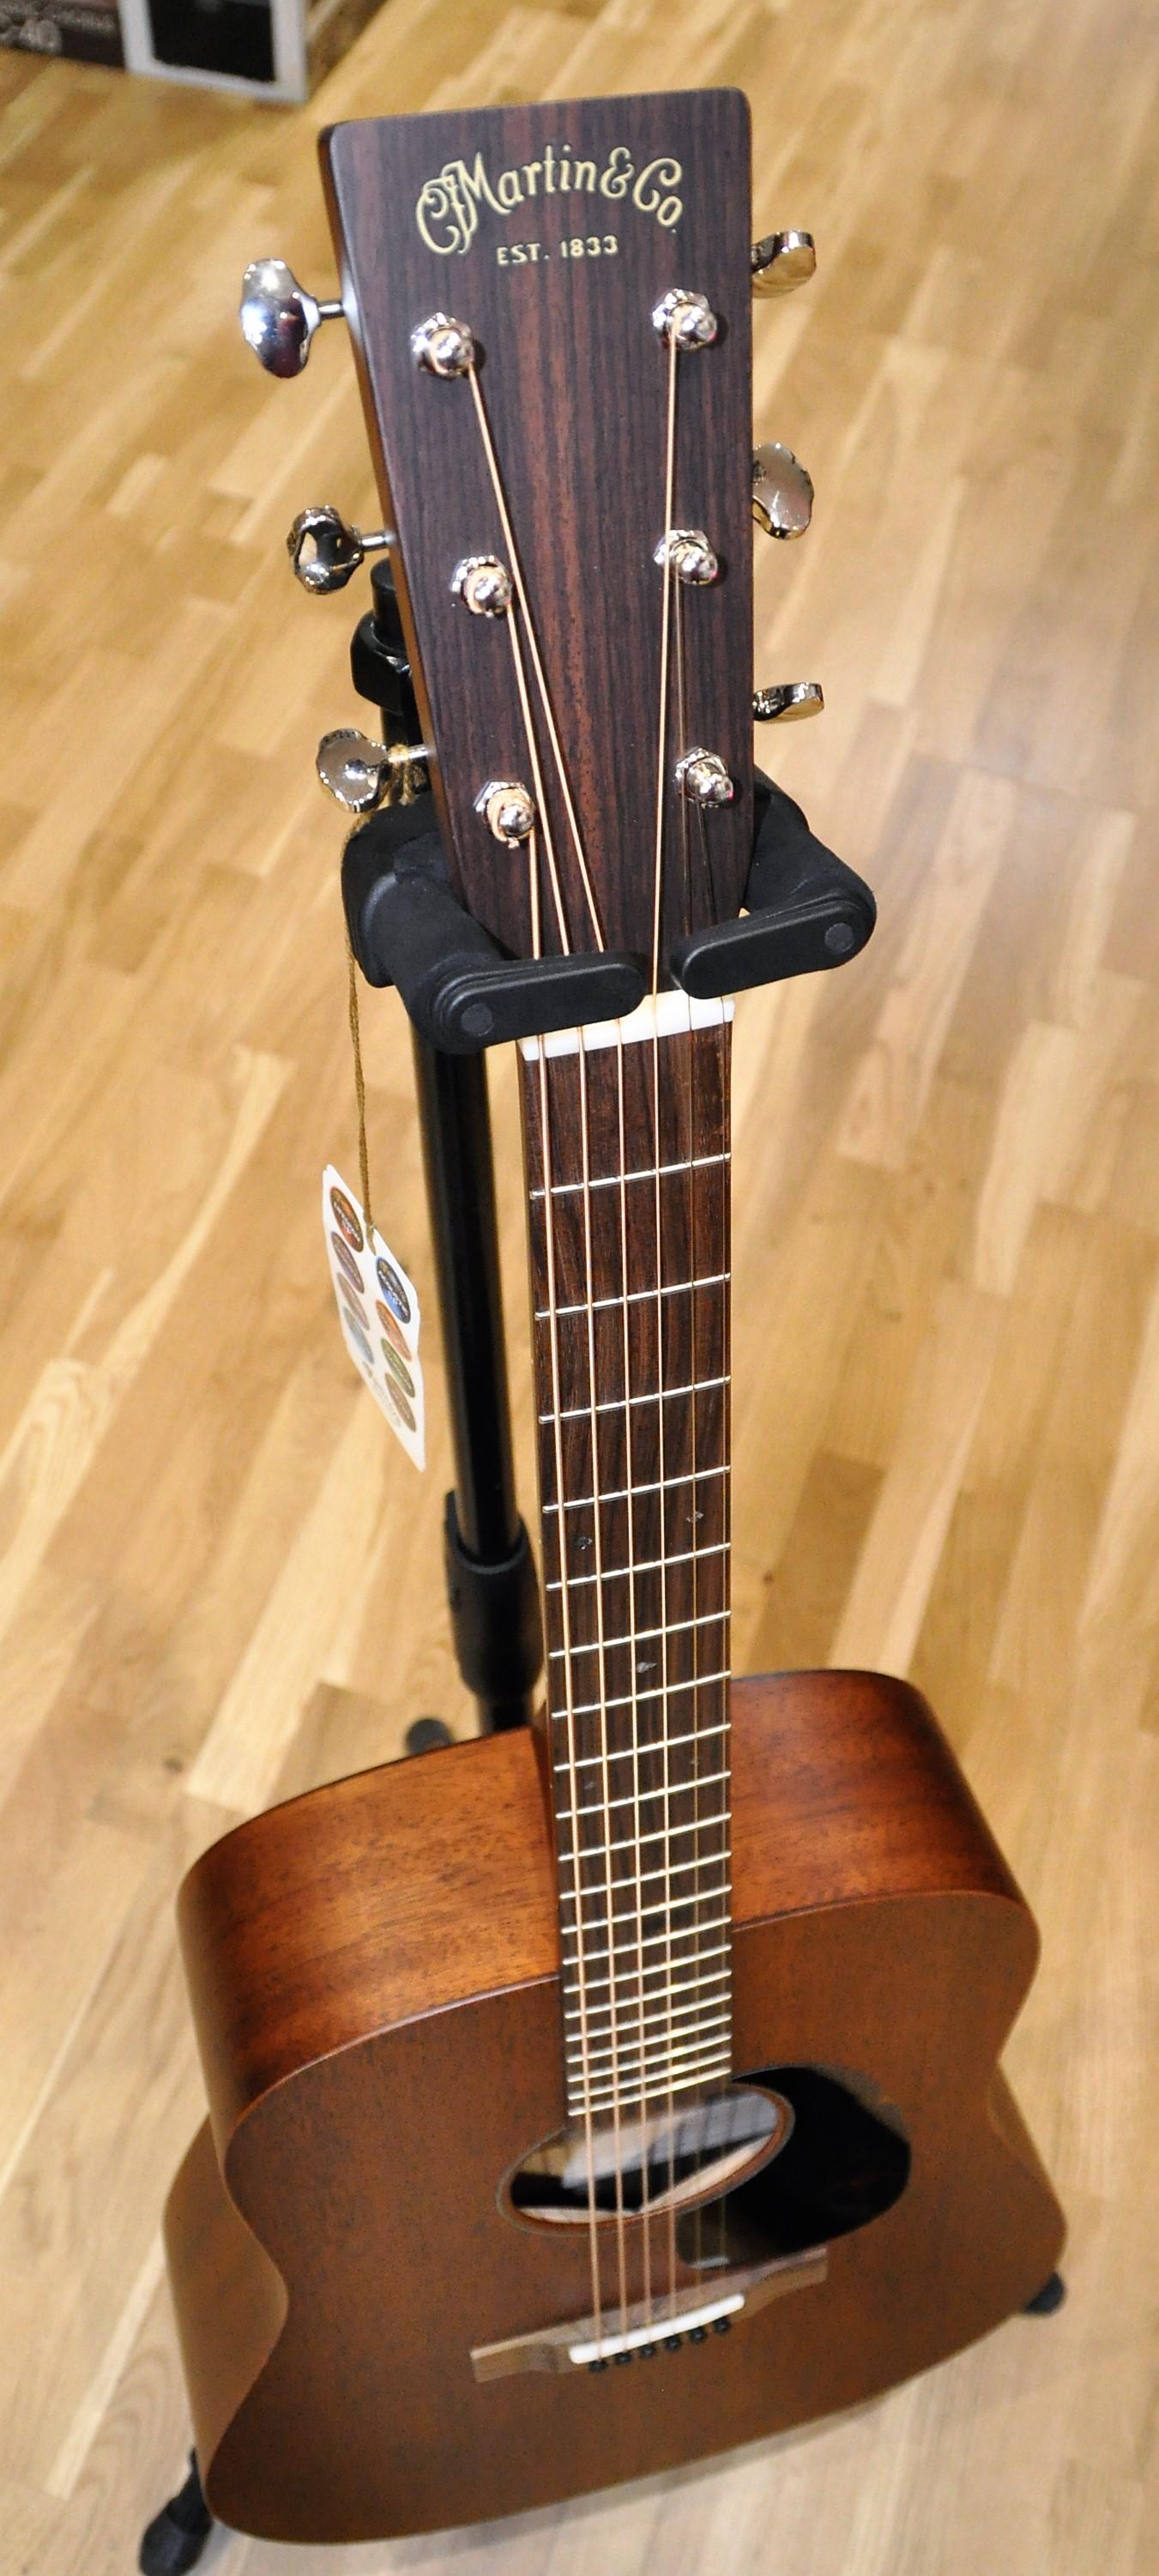 guitare folk martin co d 15m etui ile de france. Black Bedroom Furniture Sets. Home Design Ideas